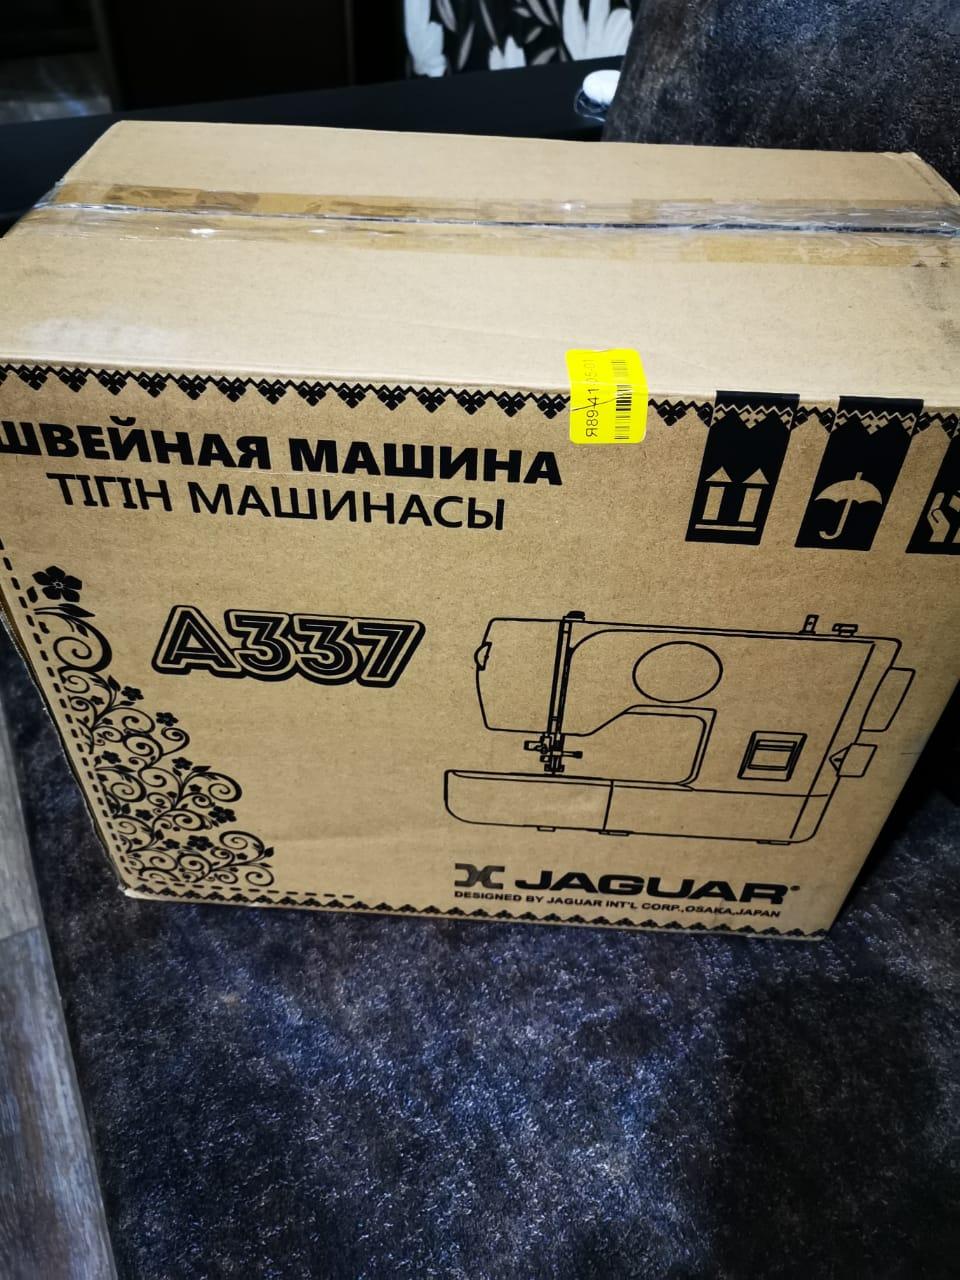 Закрыт сбор средств на швейную машинку для Лазарева Вячеслава